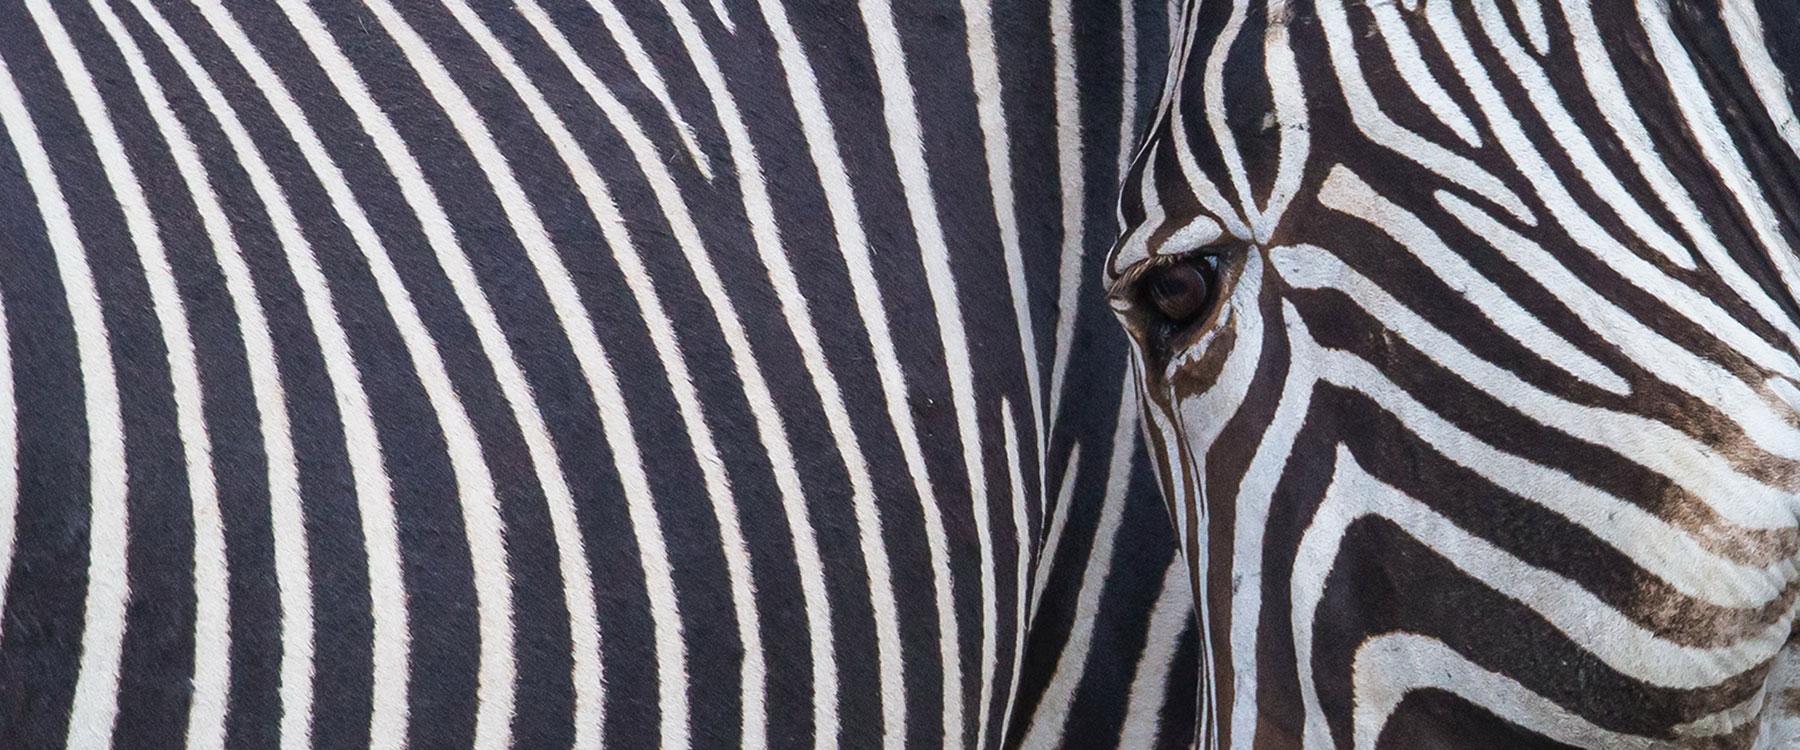 kenia_zebra_neu